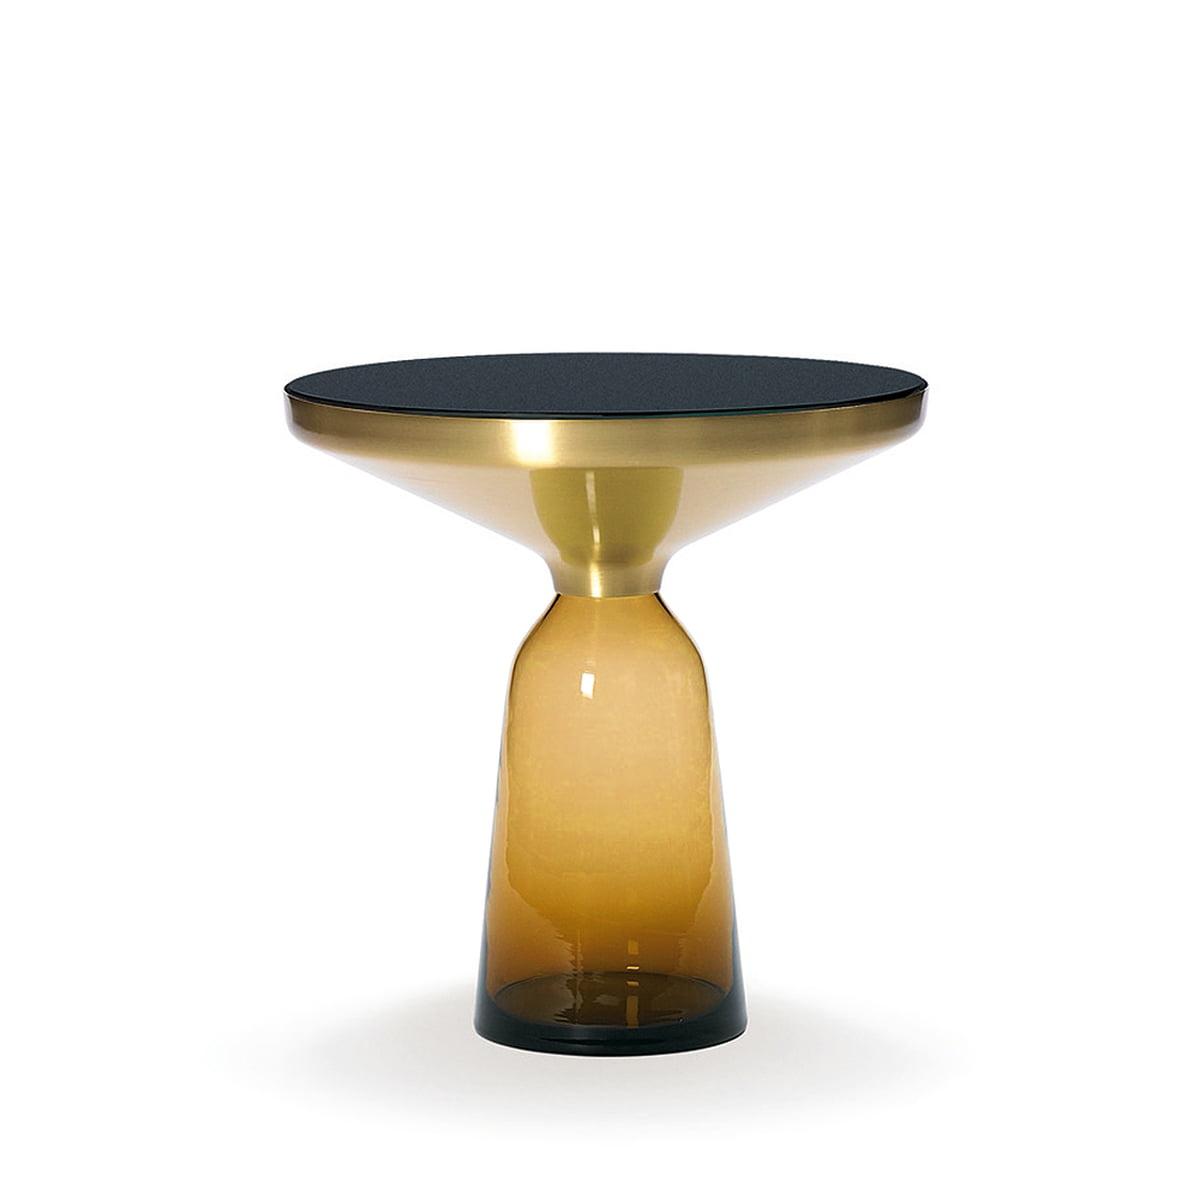 classicon bell beistelltisch messing bernstein orange. Black Bedroom Furniture Sets. Home Design Ideas